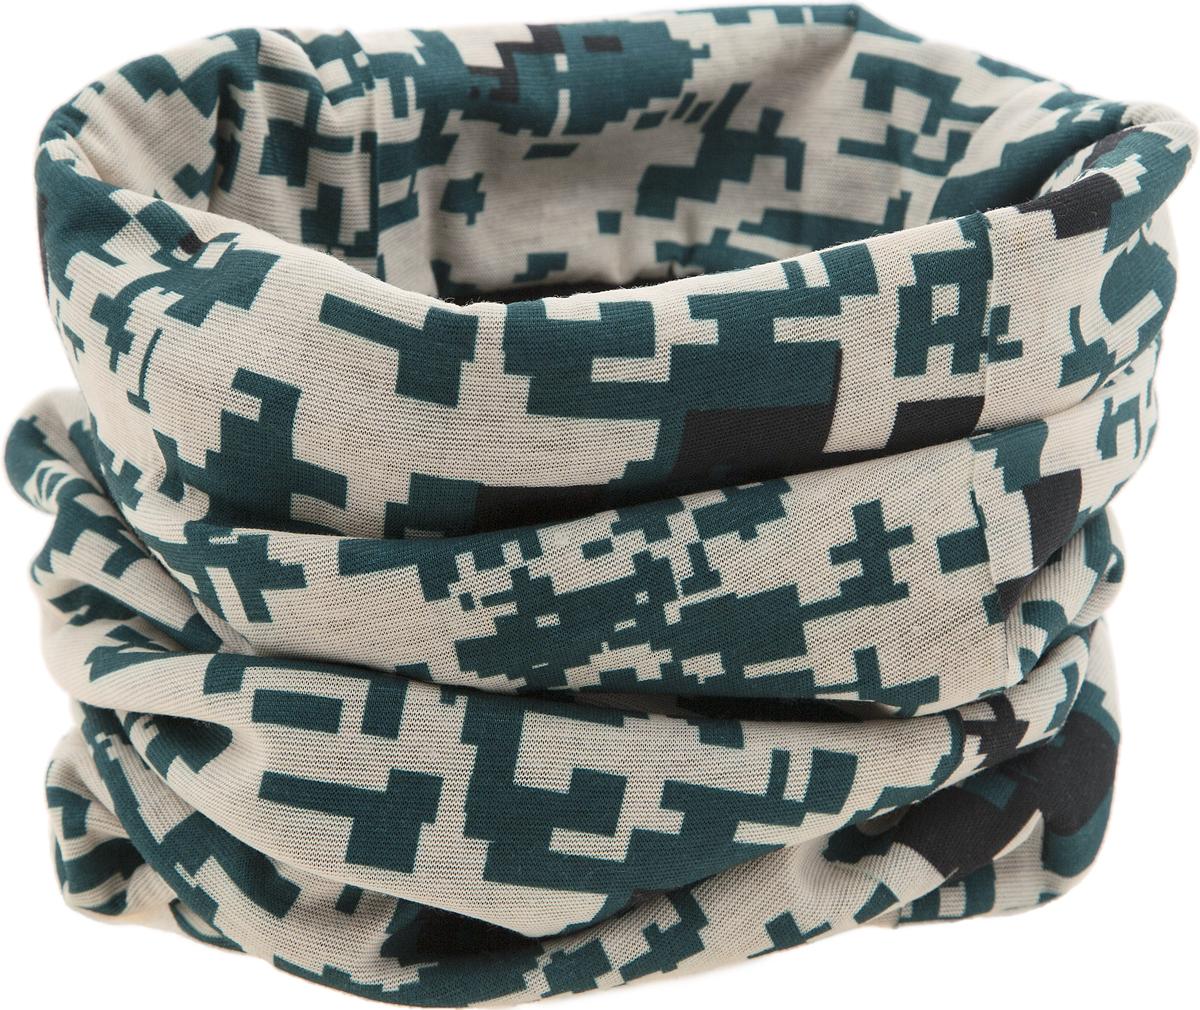 ШарфWL - 06Мультишарфы можно встретить под разными названиями: мультишарф, мультибандана, платок трансформер, Baff, но вне зависимости от того, как Вы назовете этот аксессуар, его уникальные возможности останутся неизменными. Вы с легкостью и удобством можете одеть этот мультишарф на голову и шею 12 различными способами. В сильные морозы, пронизывающий ветер или пыльную бурю - с мультишарфом Вы будете готовы к любым капризам природы. Авторская работа.